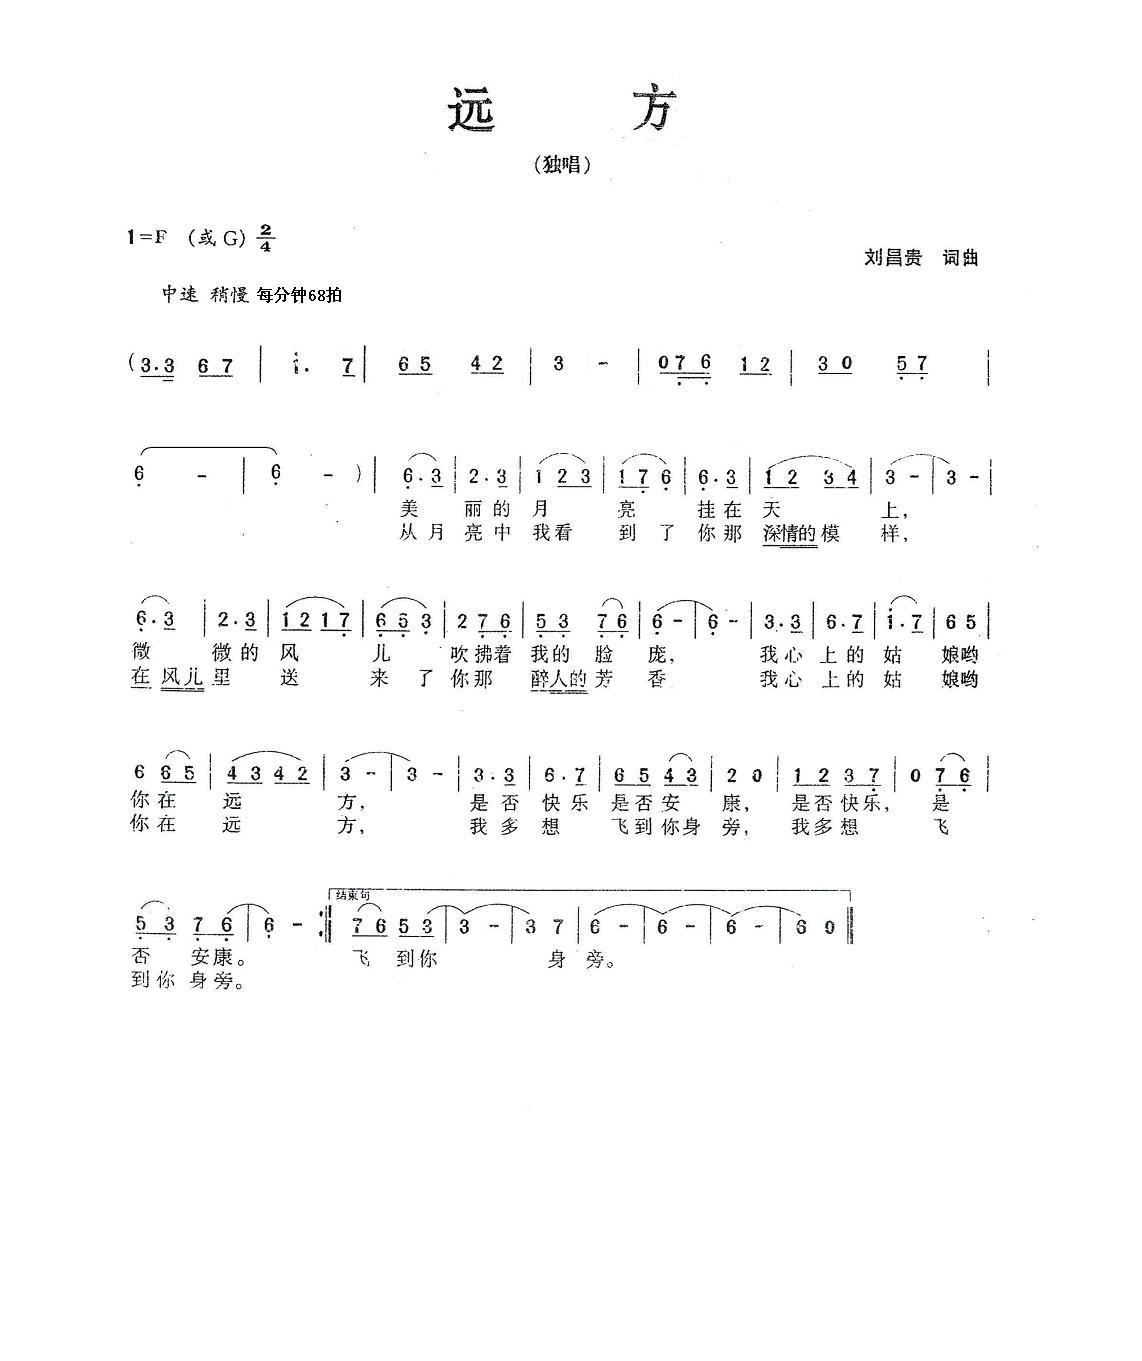 口琴中音乐谱网